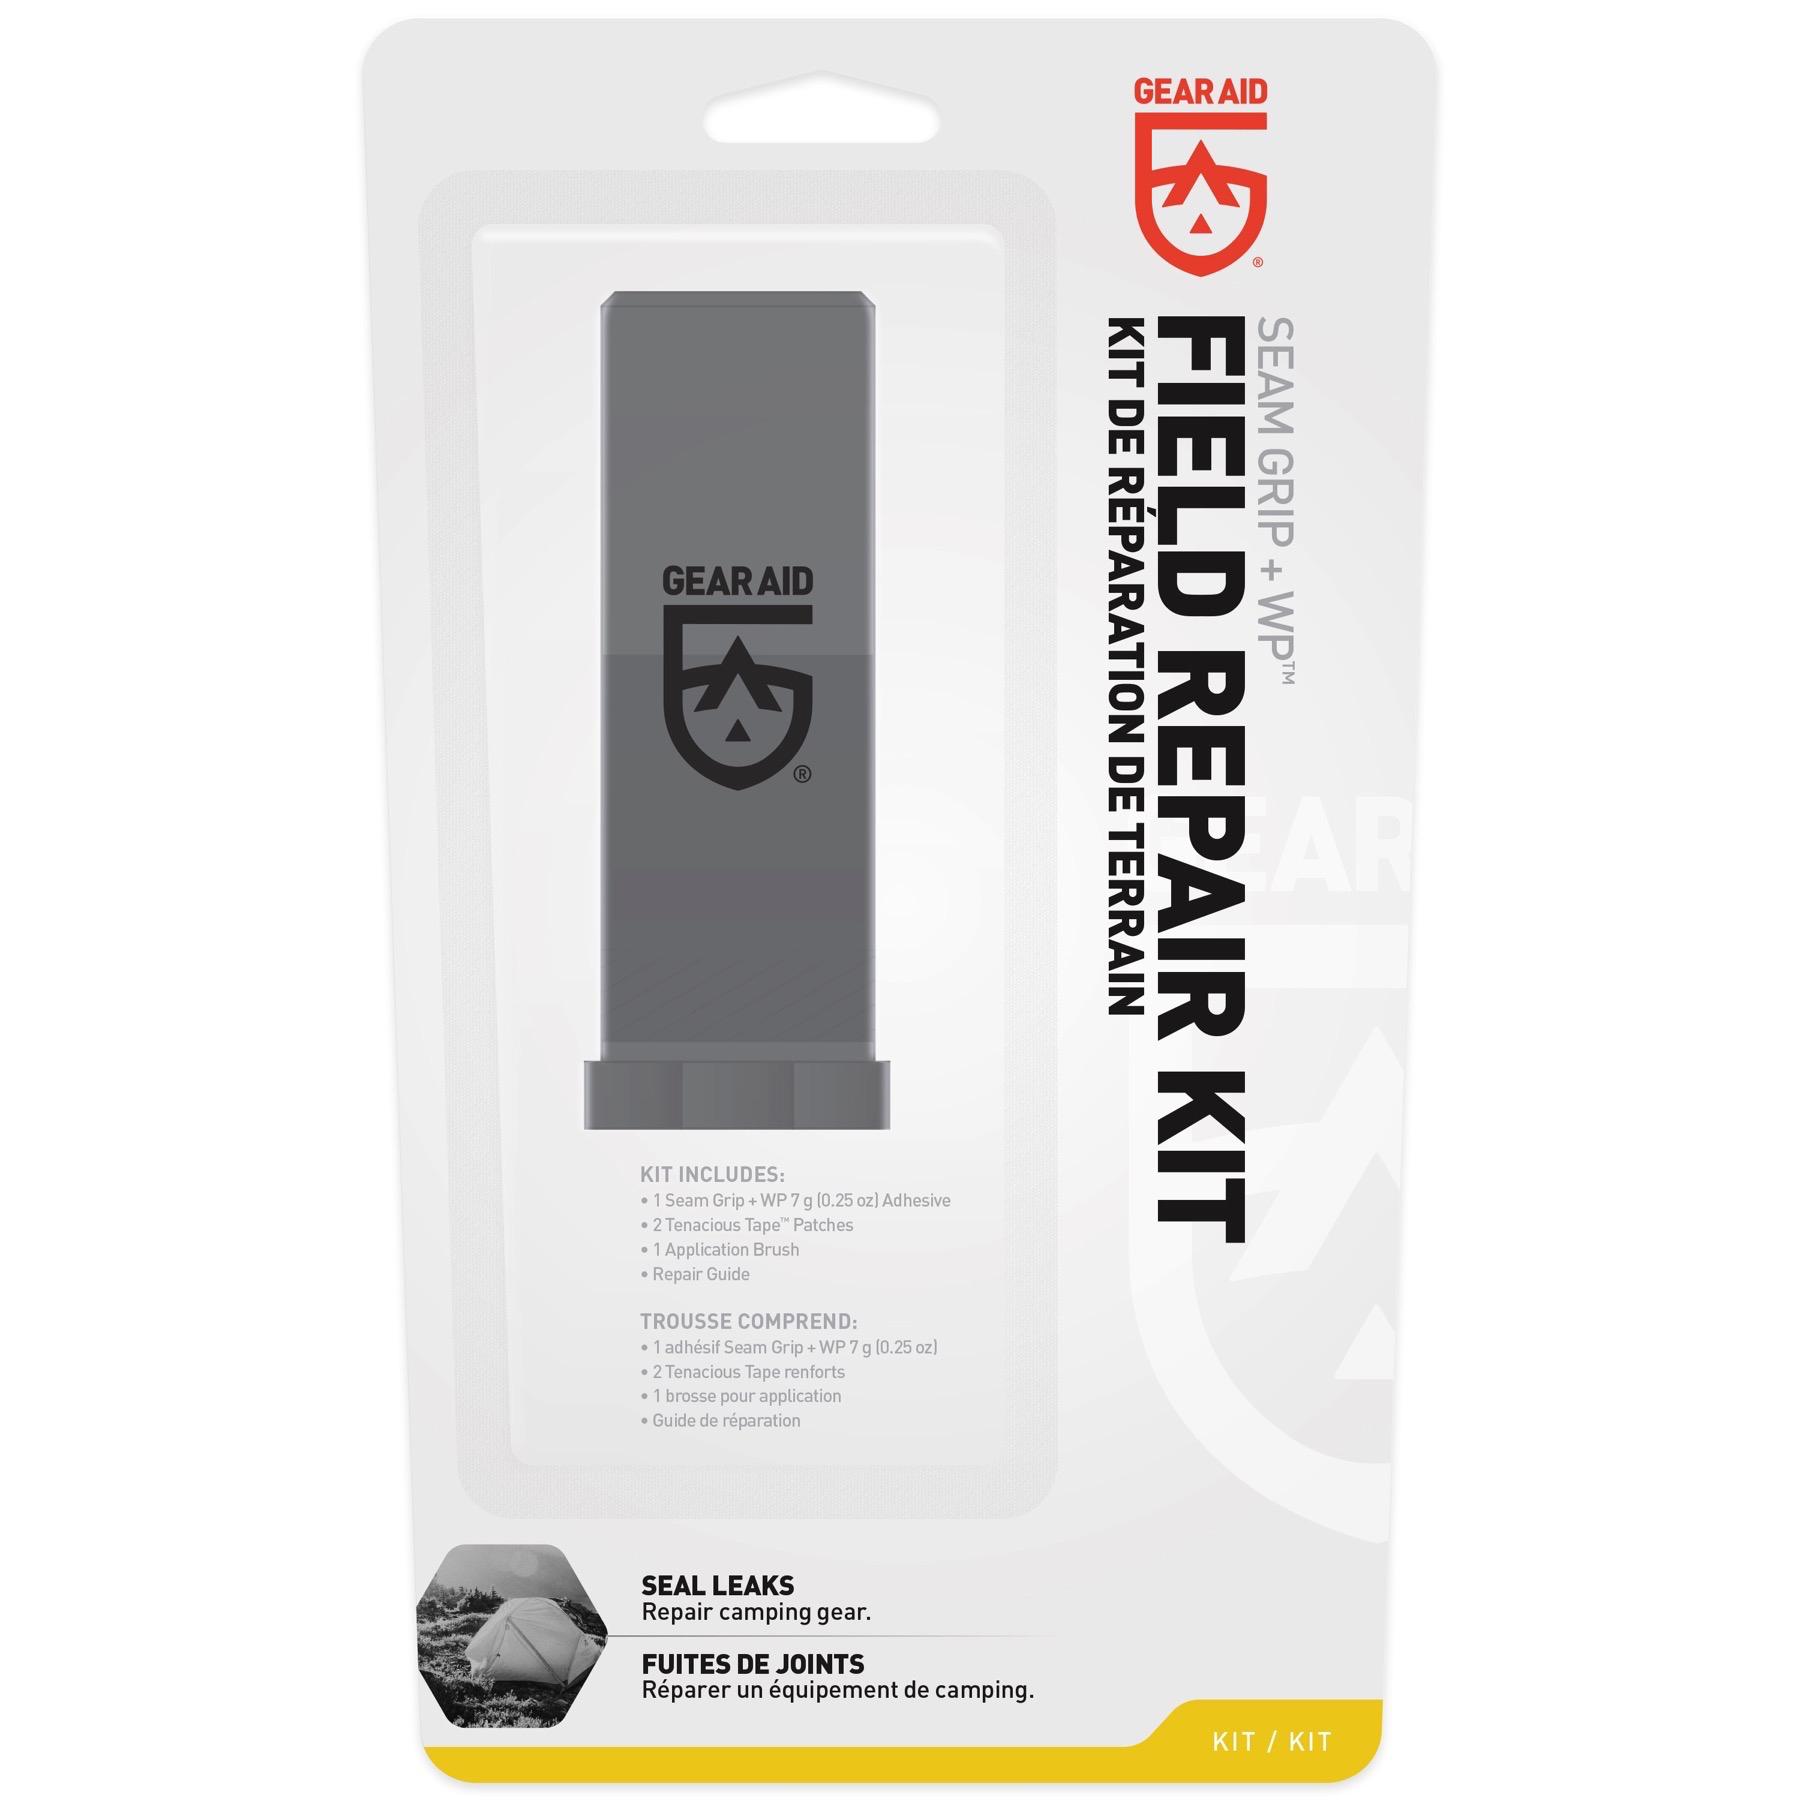 6-pack Gear Aid Seam Grip WP Champ Kit De Réparation-tenace Ruban patchs /& Sealer